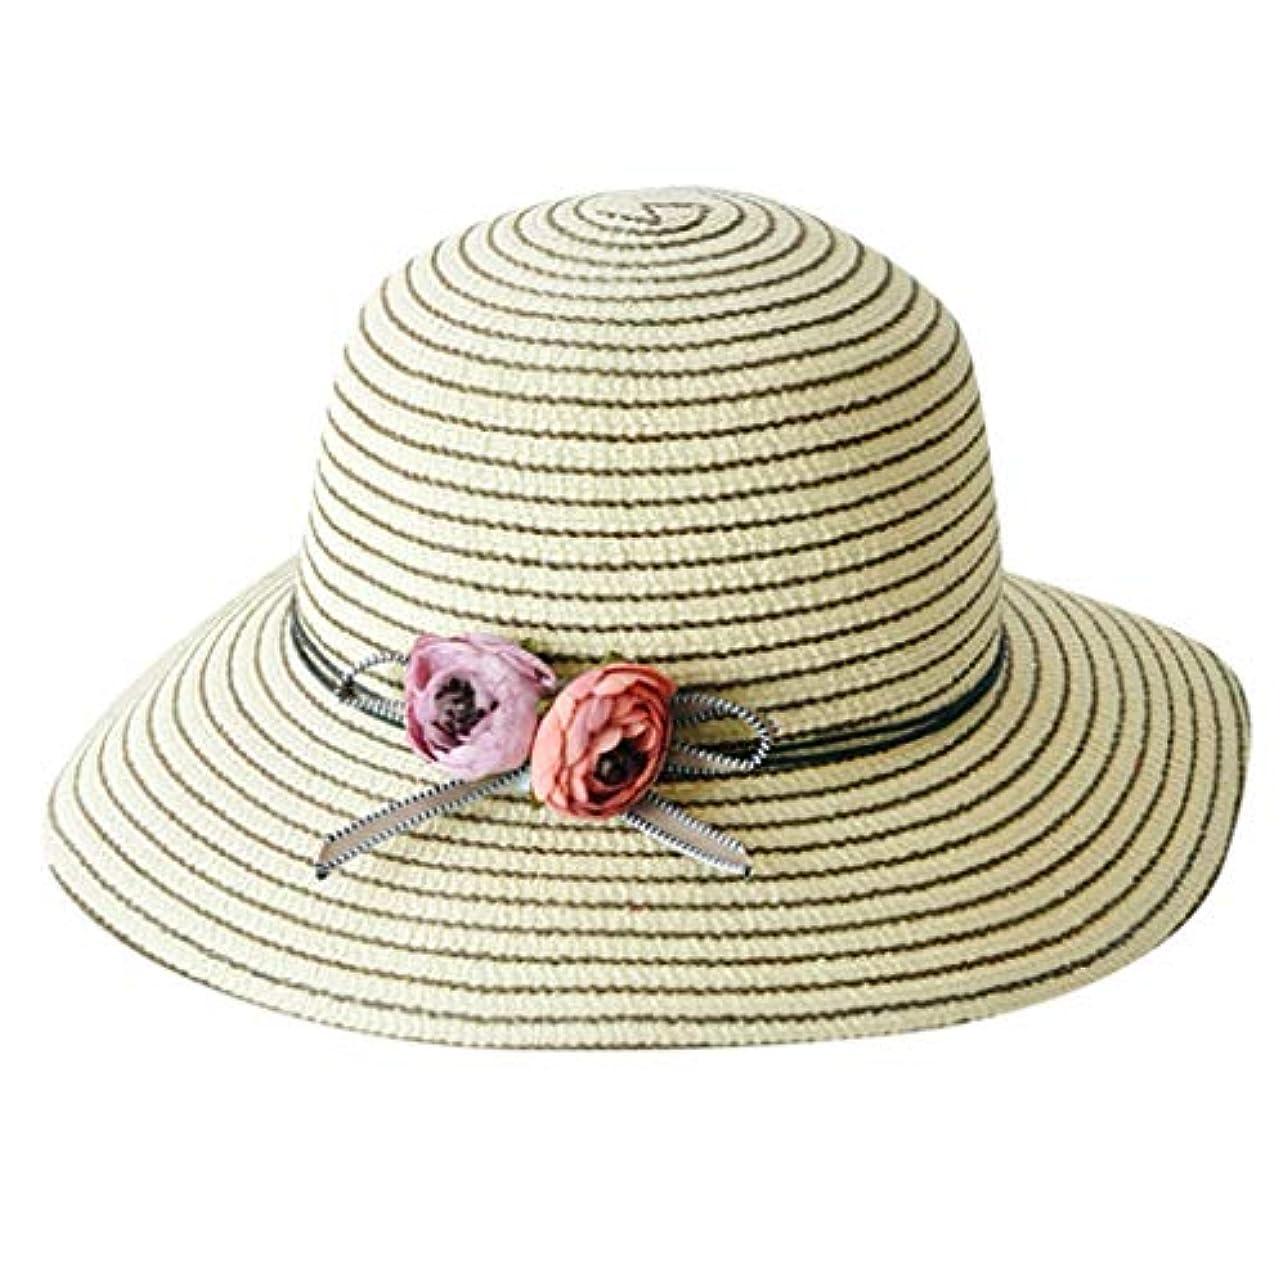 聴覚障害者集める環境に優しい帽子 レディース 漁師帽 夏 UVカット 帽子 綿糸 ハット レディース 紫外線100%カット UV ハット 可愛い 小顔効果抜群 日よけ 折りたたみ つば広 小顔効果抜群 折りたたみ 海 旅行 ROSE ROMAN